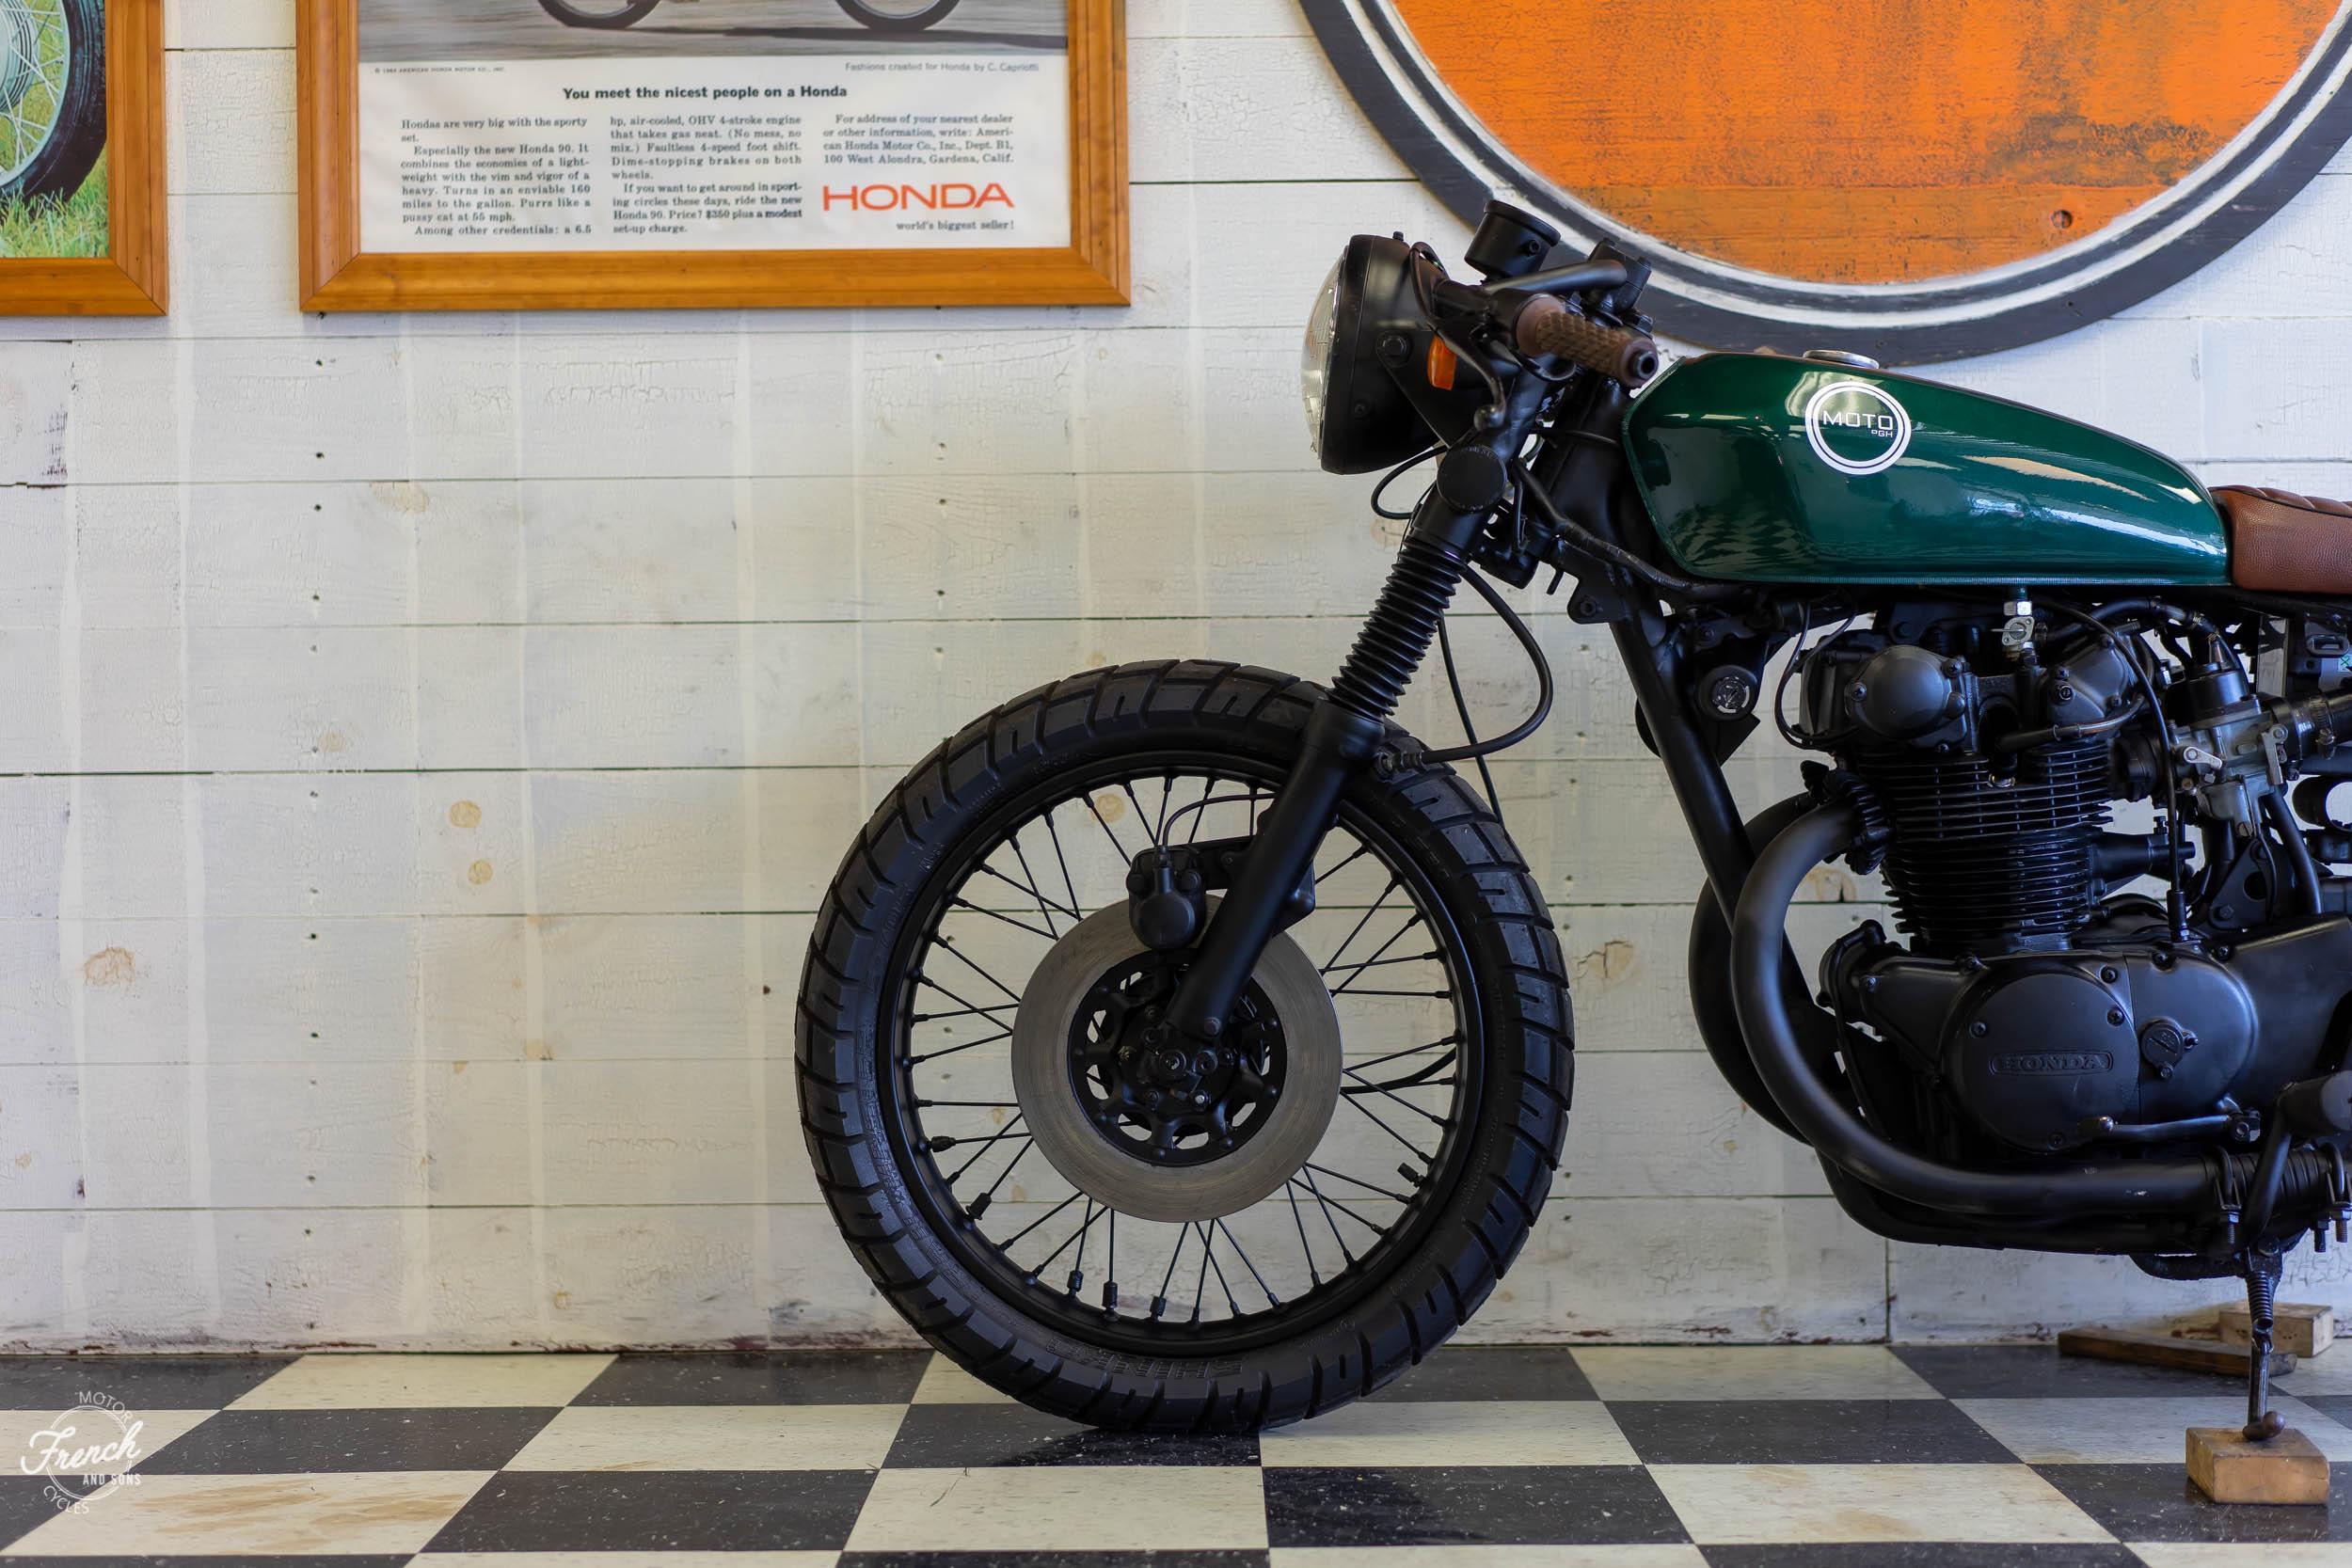 1974_honda_cb450_cafe_racer-17.jpg